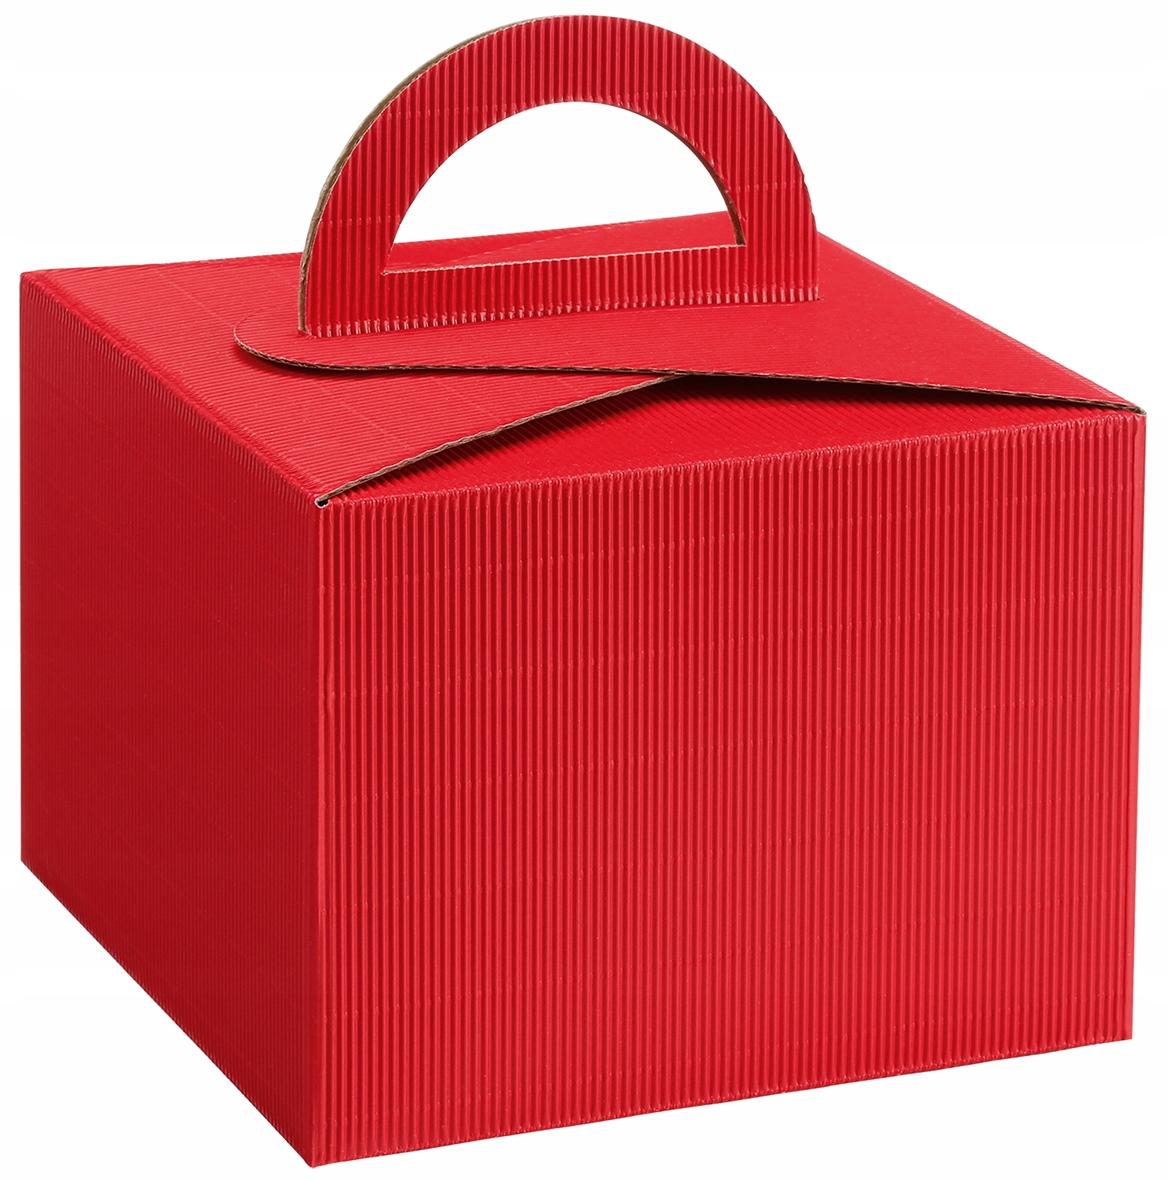 Подарочная коробка красный День святого Валентина ECO colors